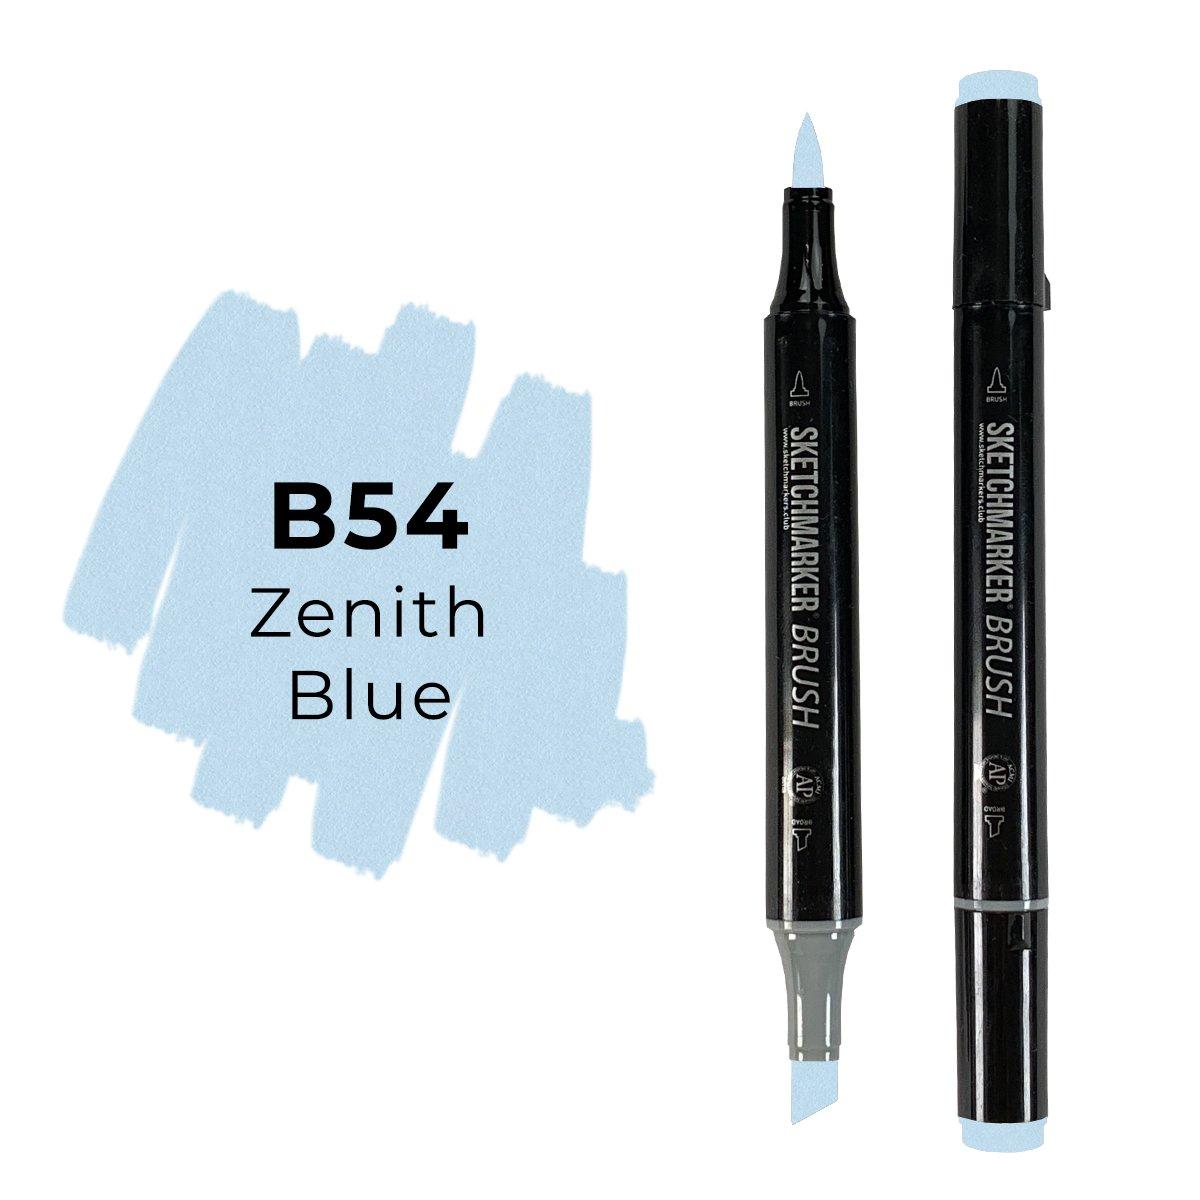 SKETCHMARKER BRUSH PRO Color: Zenith Blue